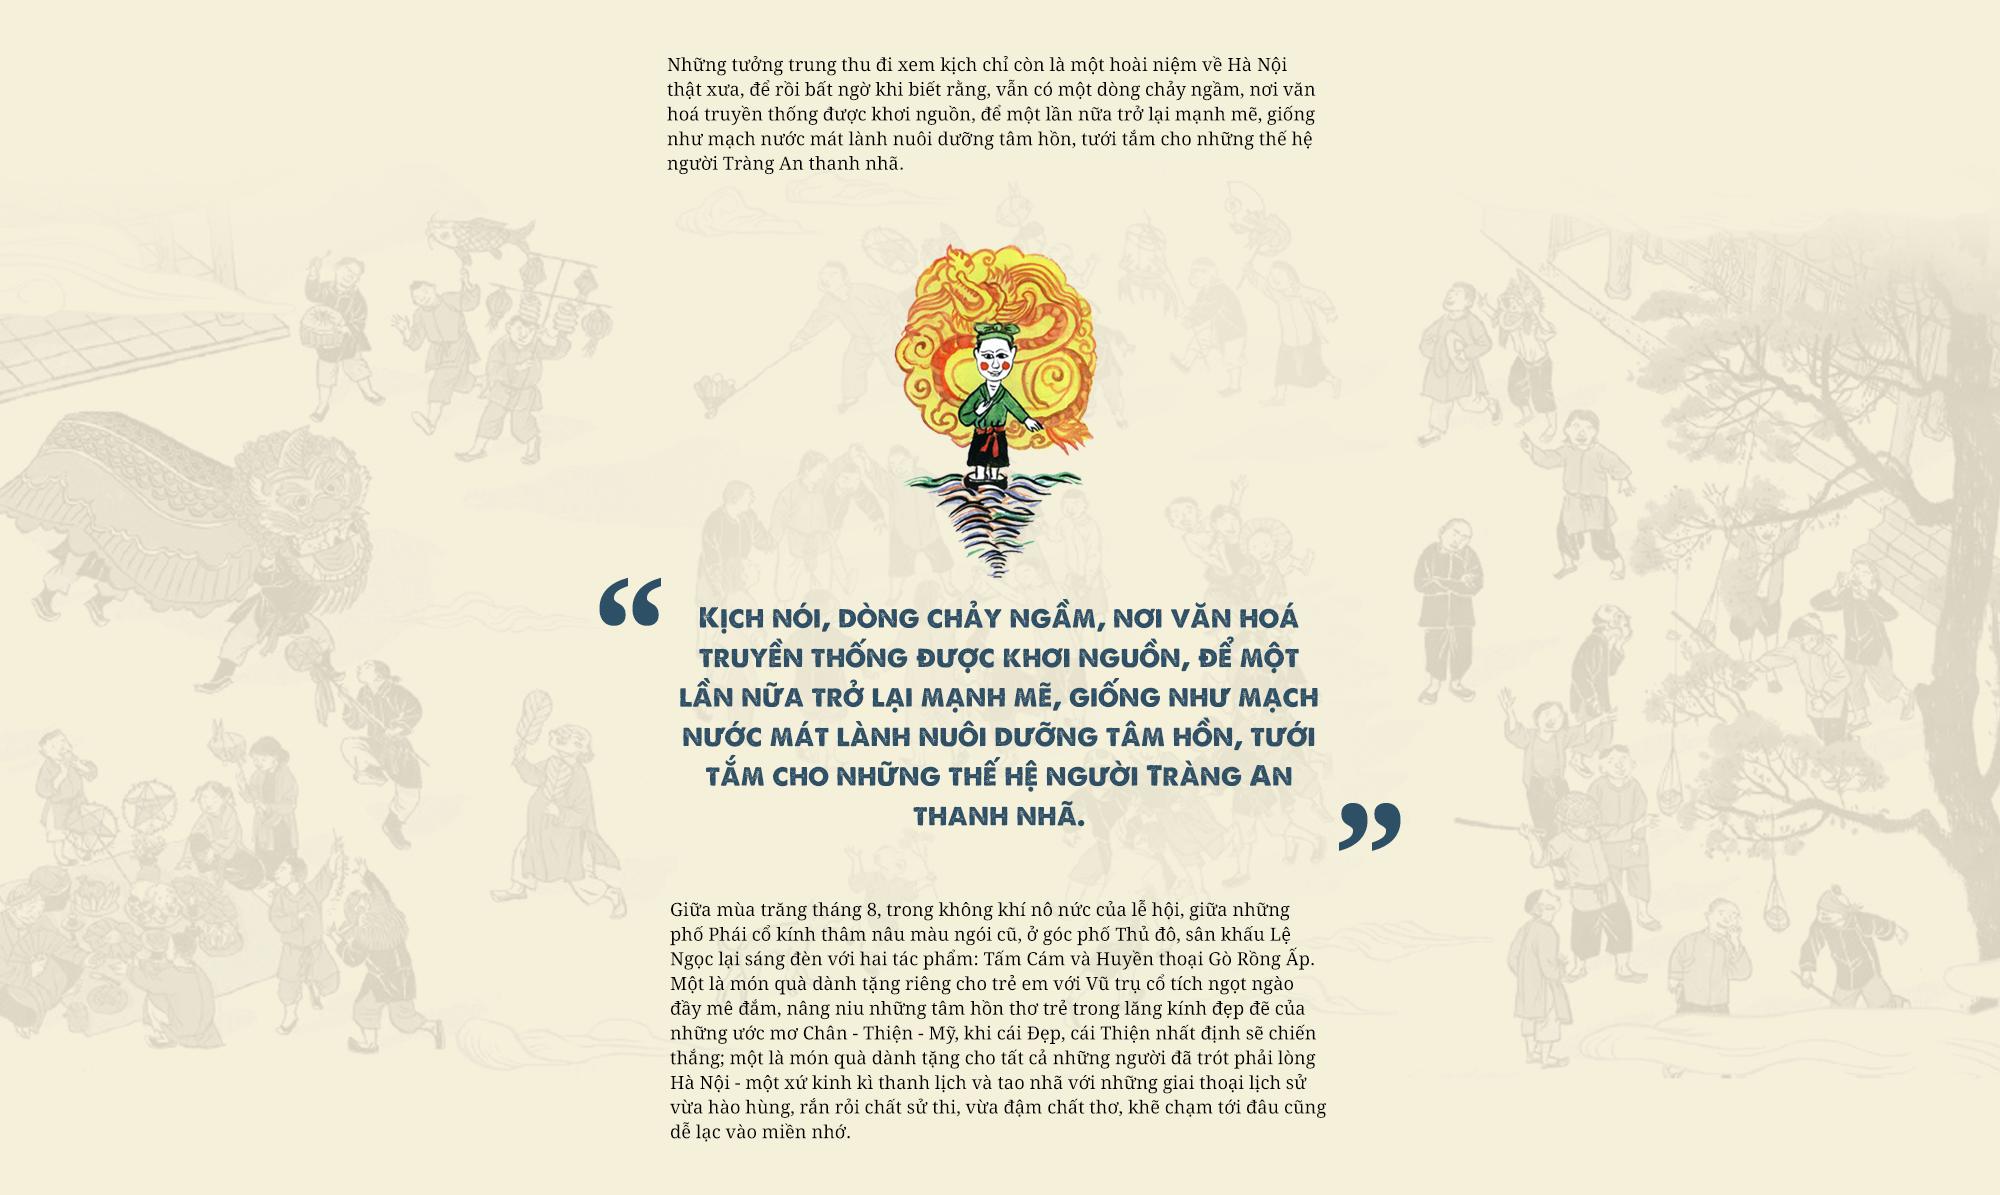 Thu Hà Nội: Kể chuyện cũ, nhớ người xưa - Ảnh 8.